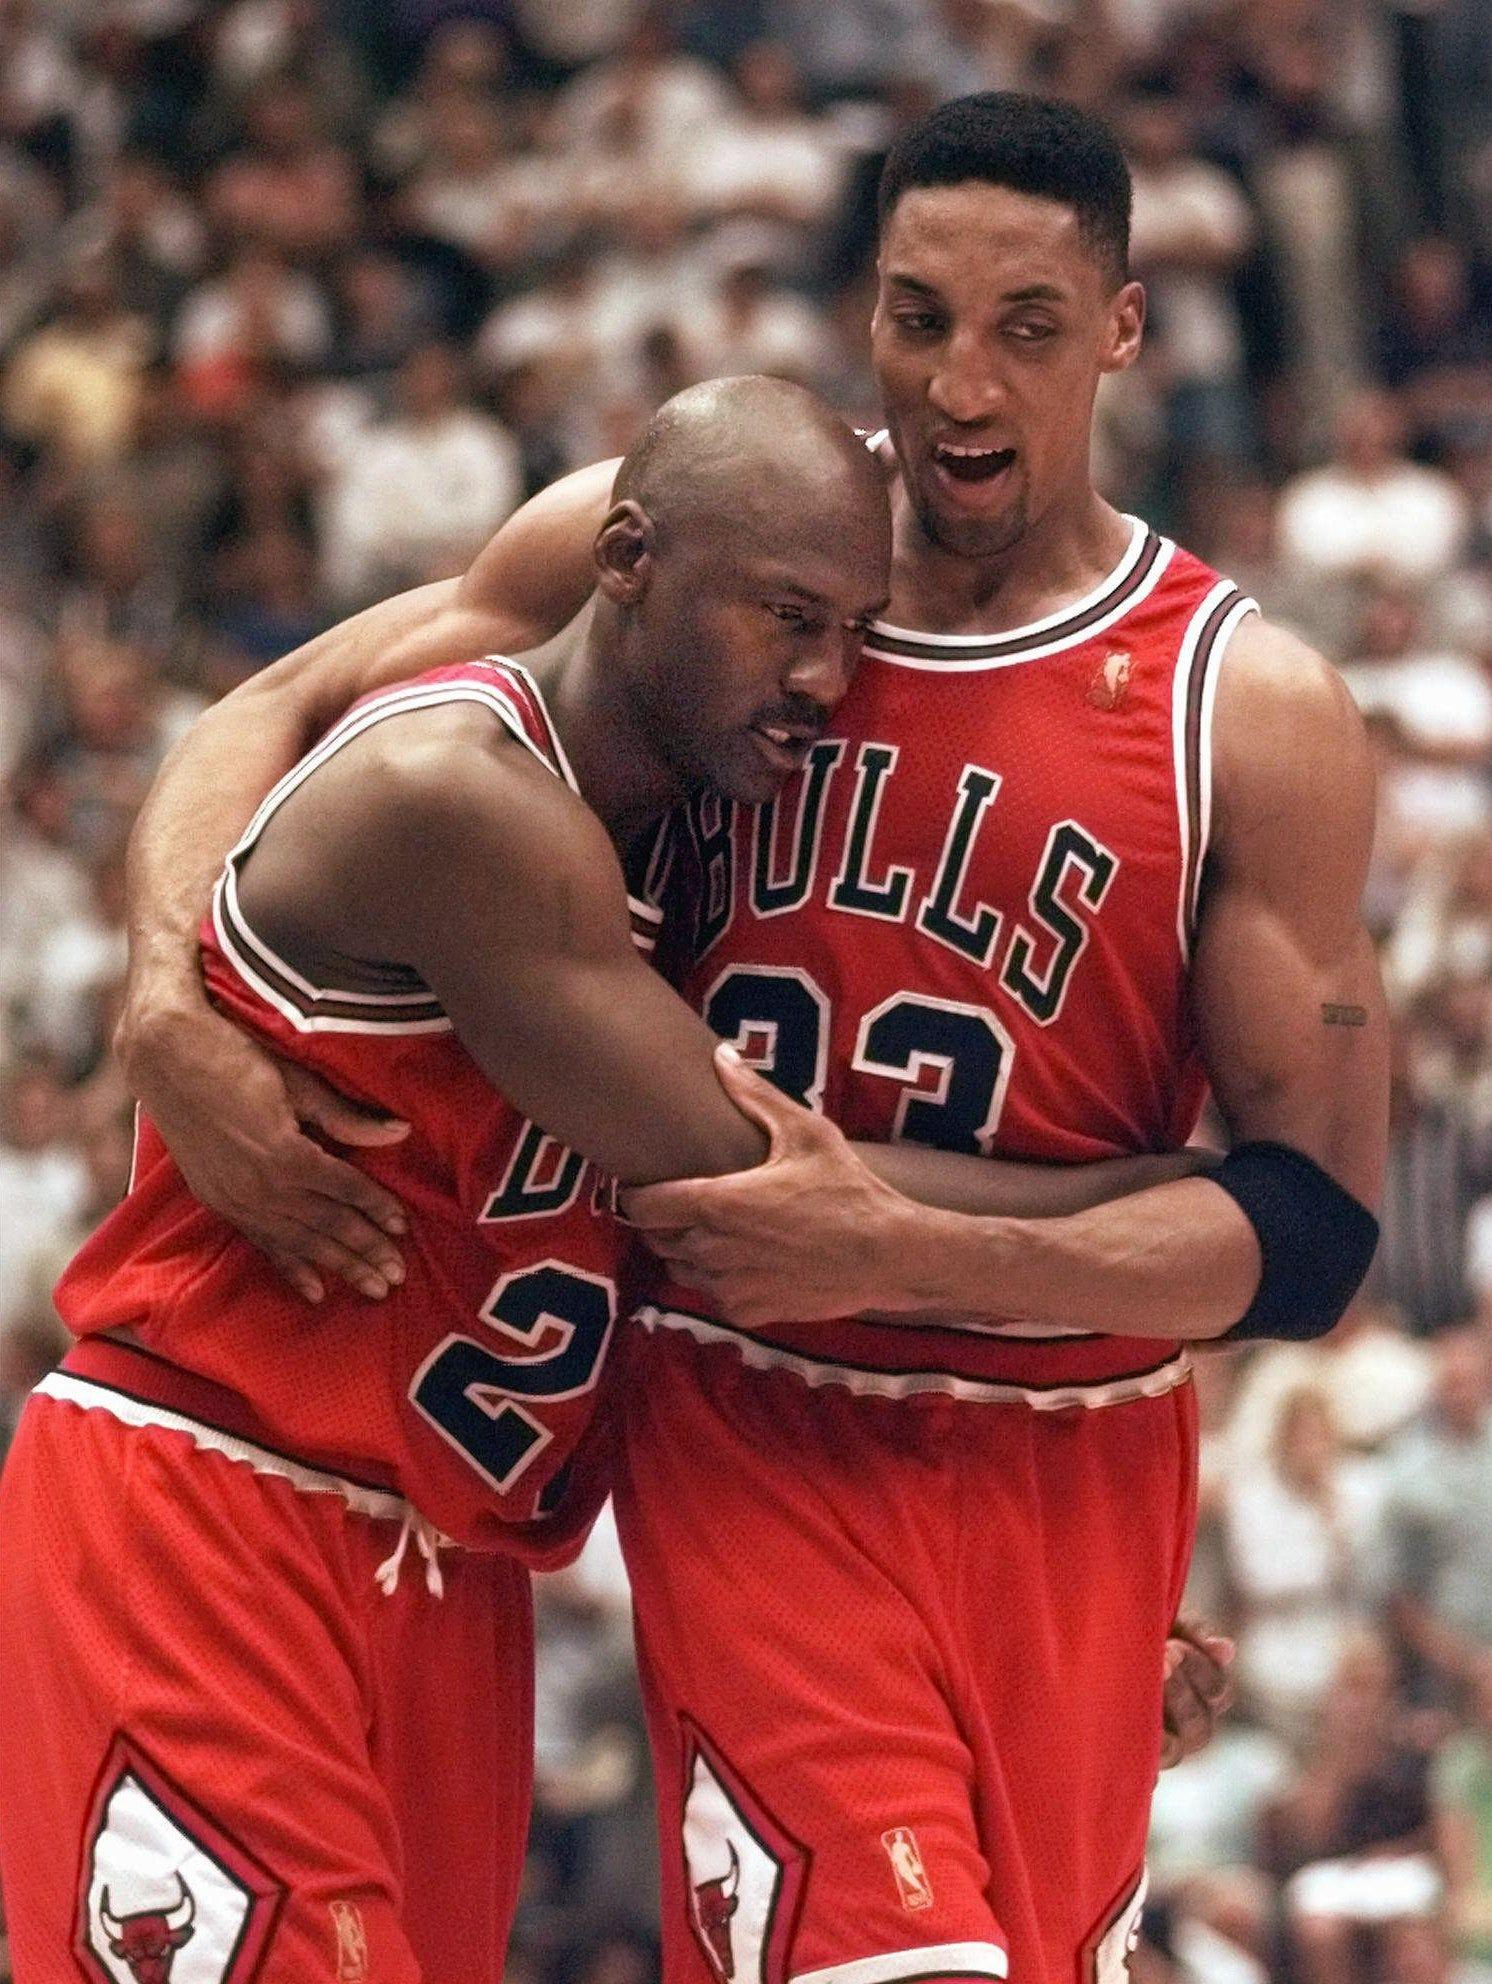 Michael Jordan 1997 flu game result of